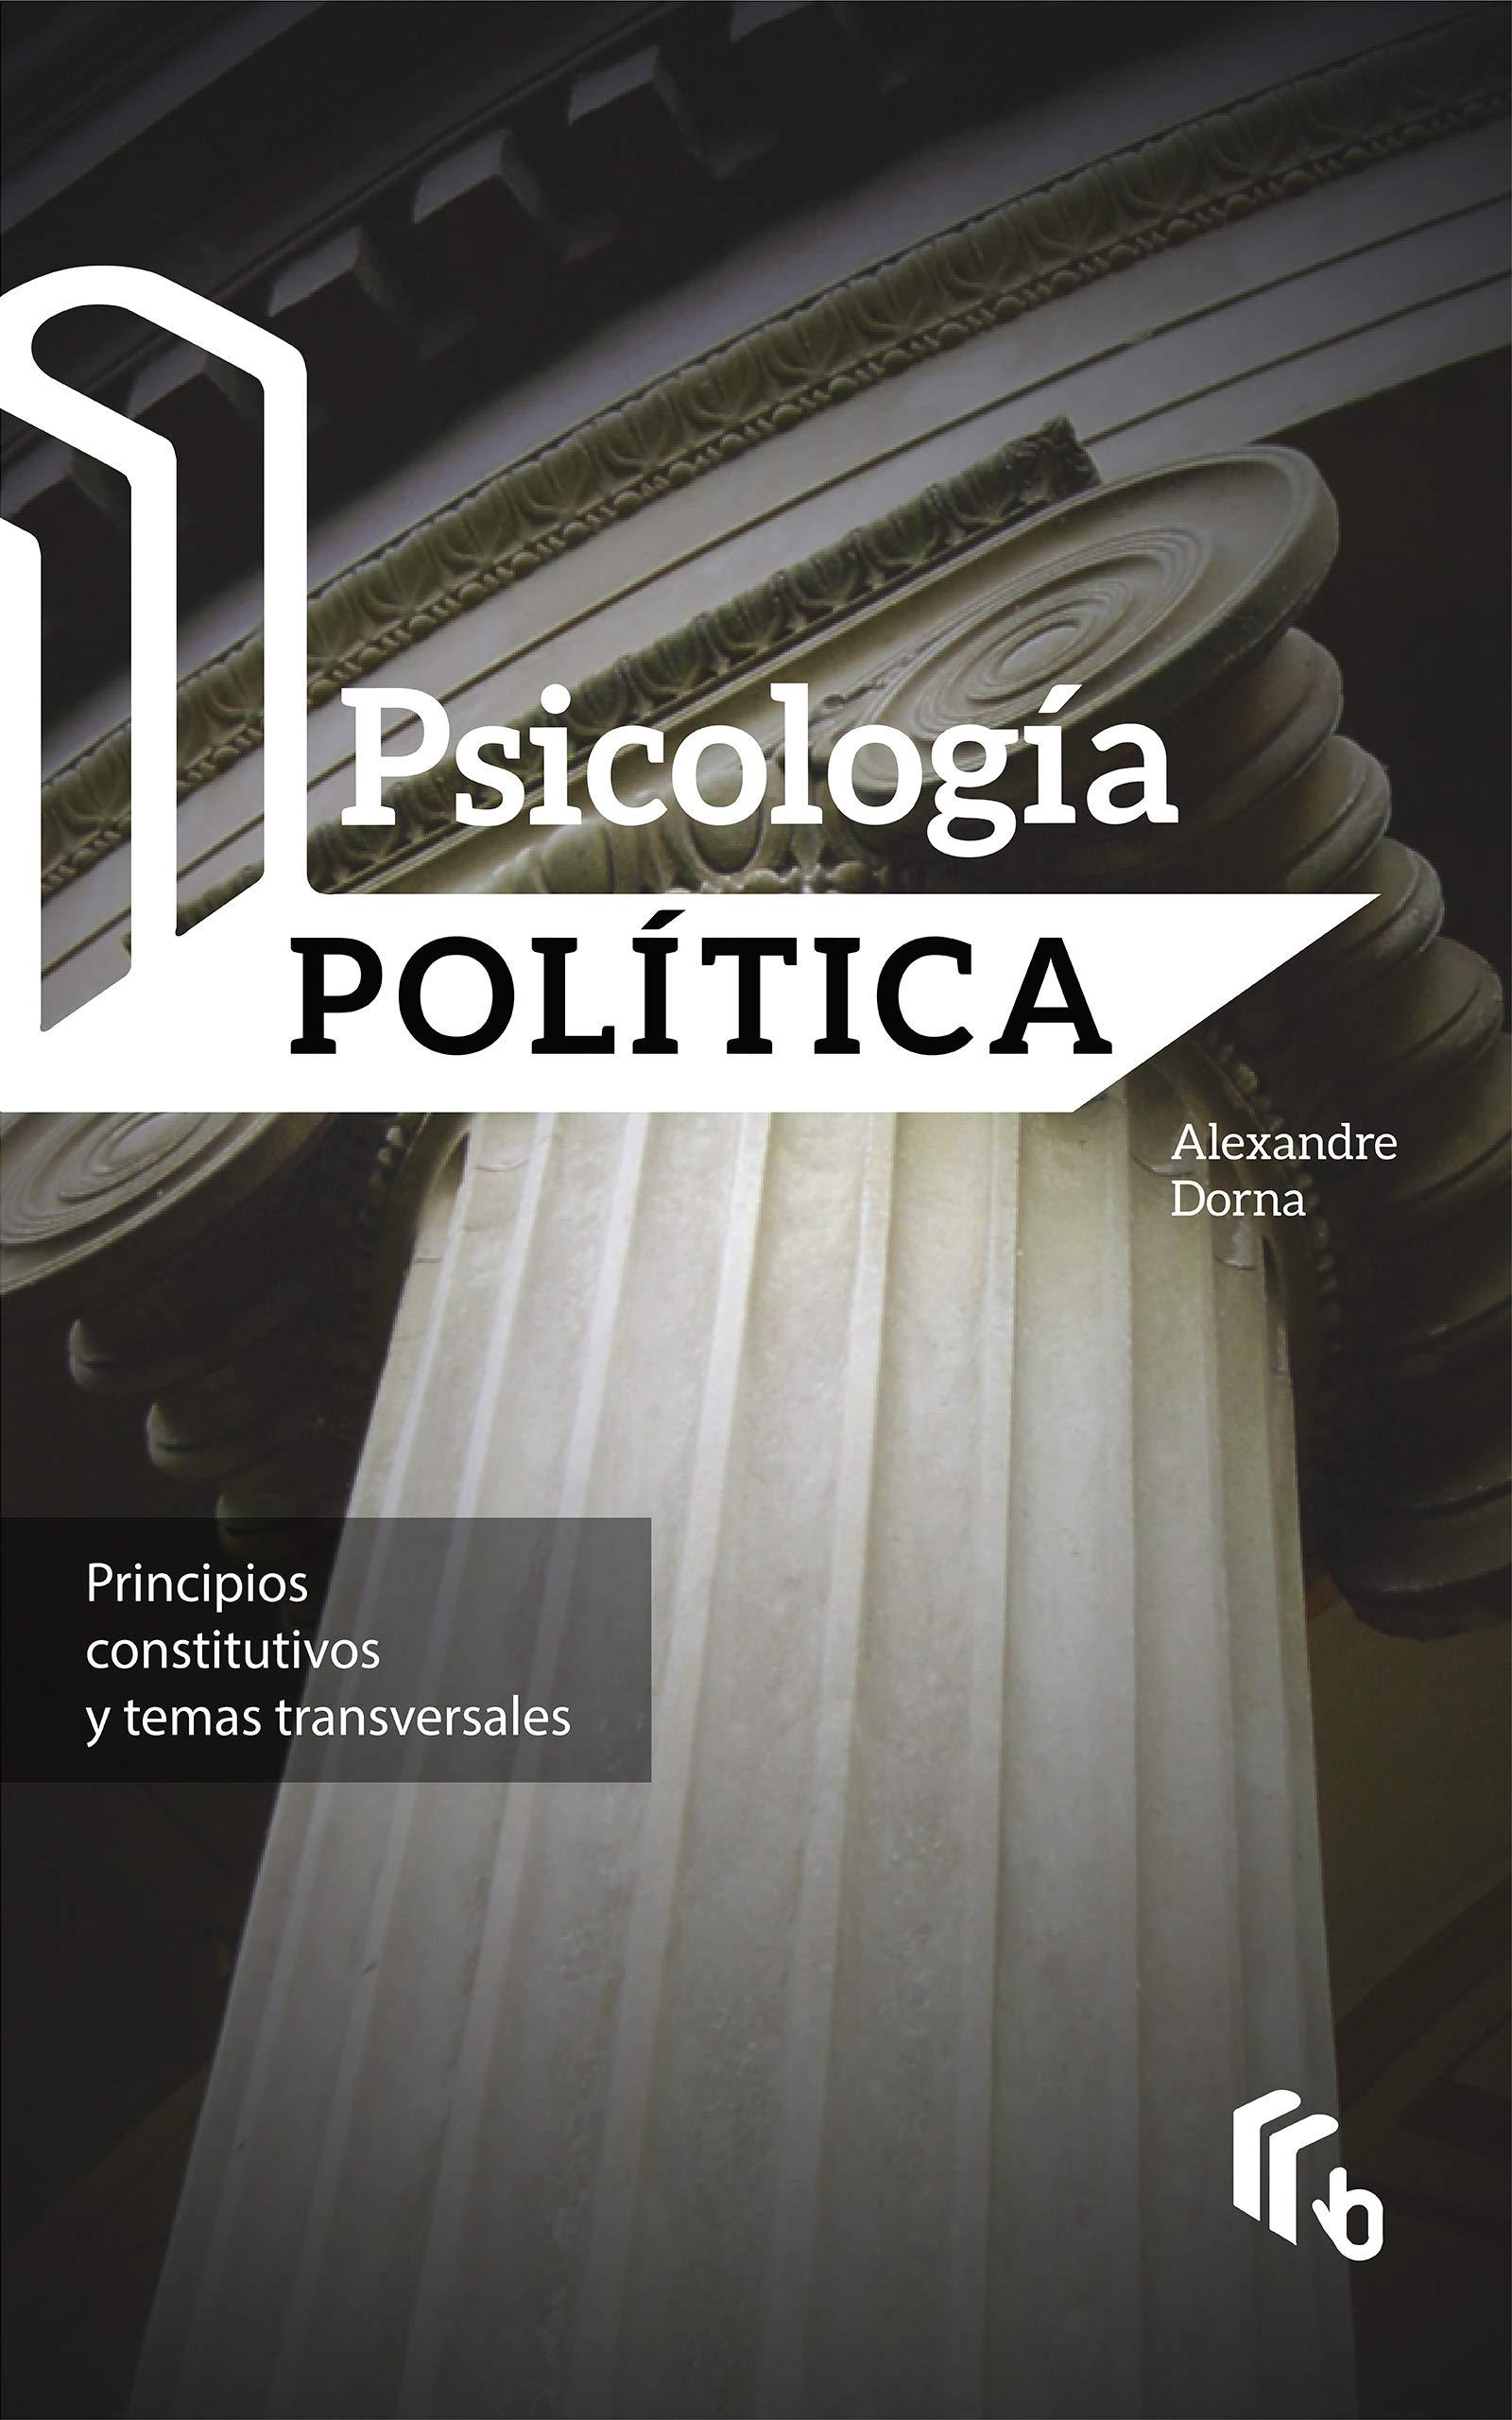 Psicología Política: Principios constitutivos y temas transversales